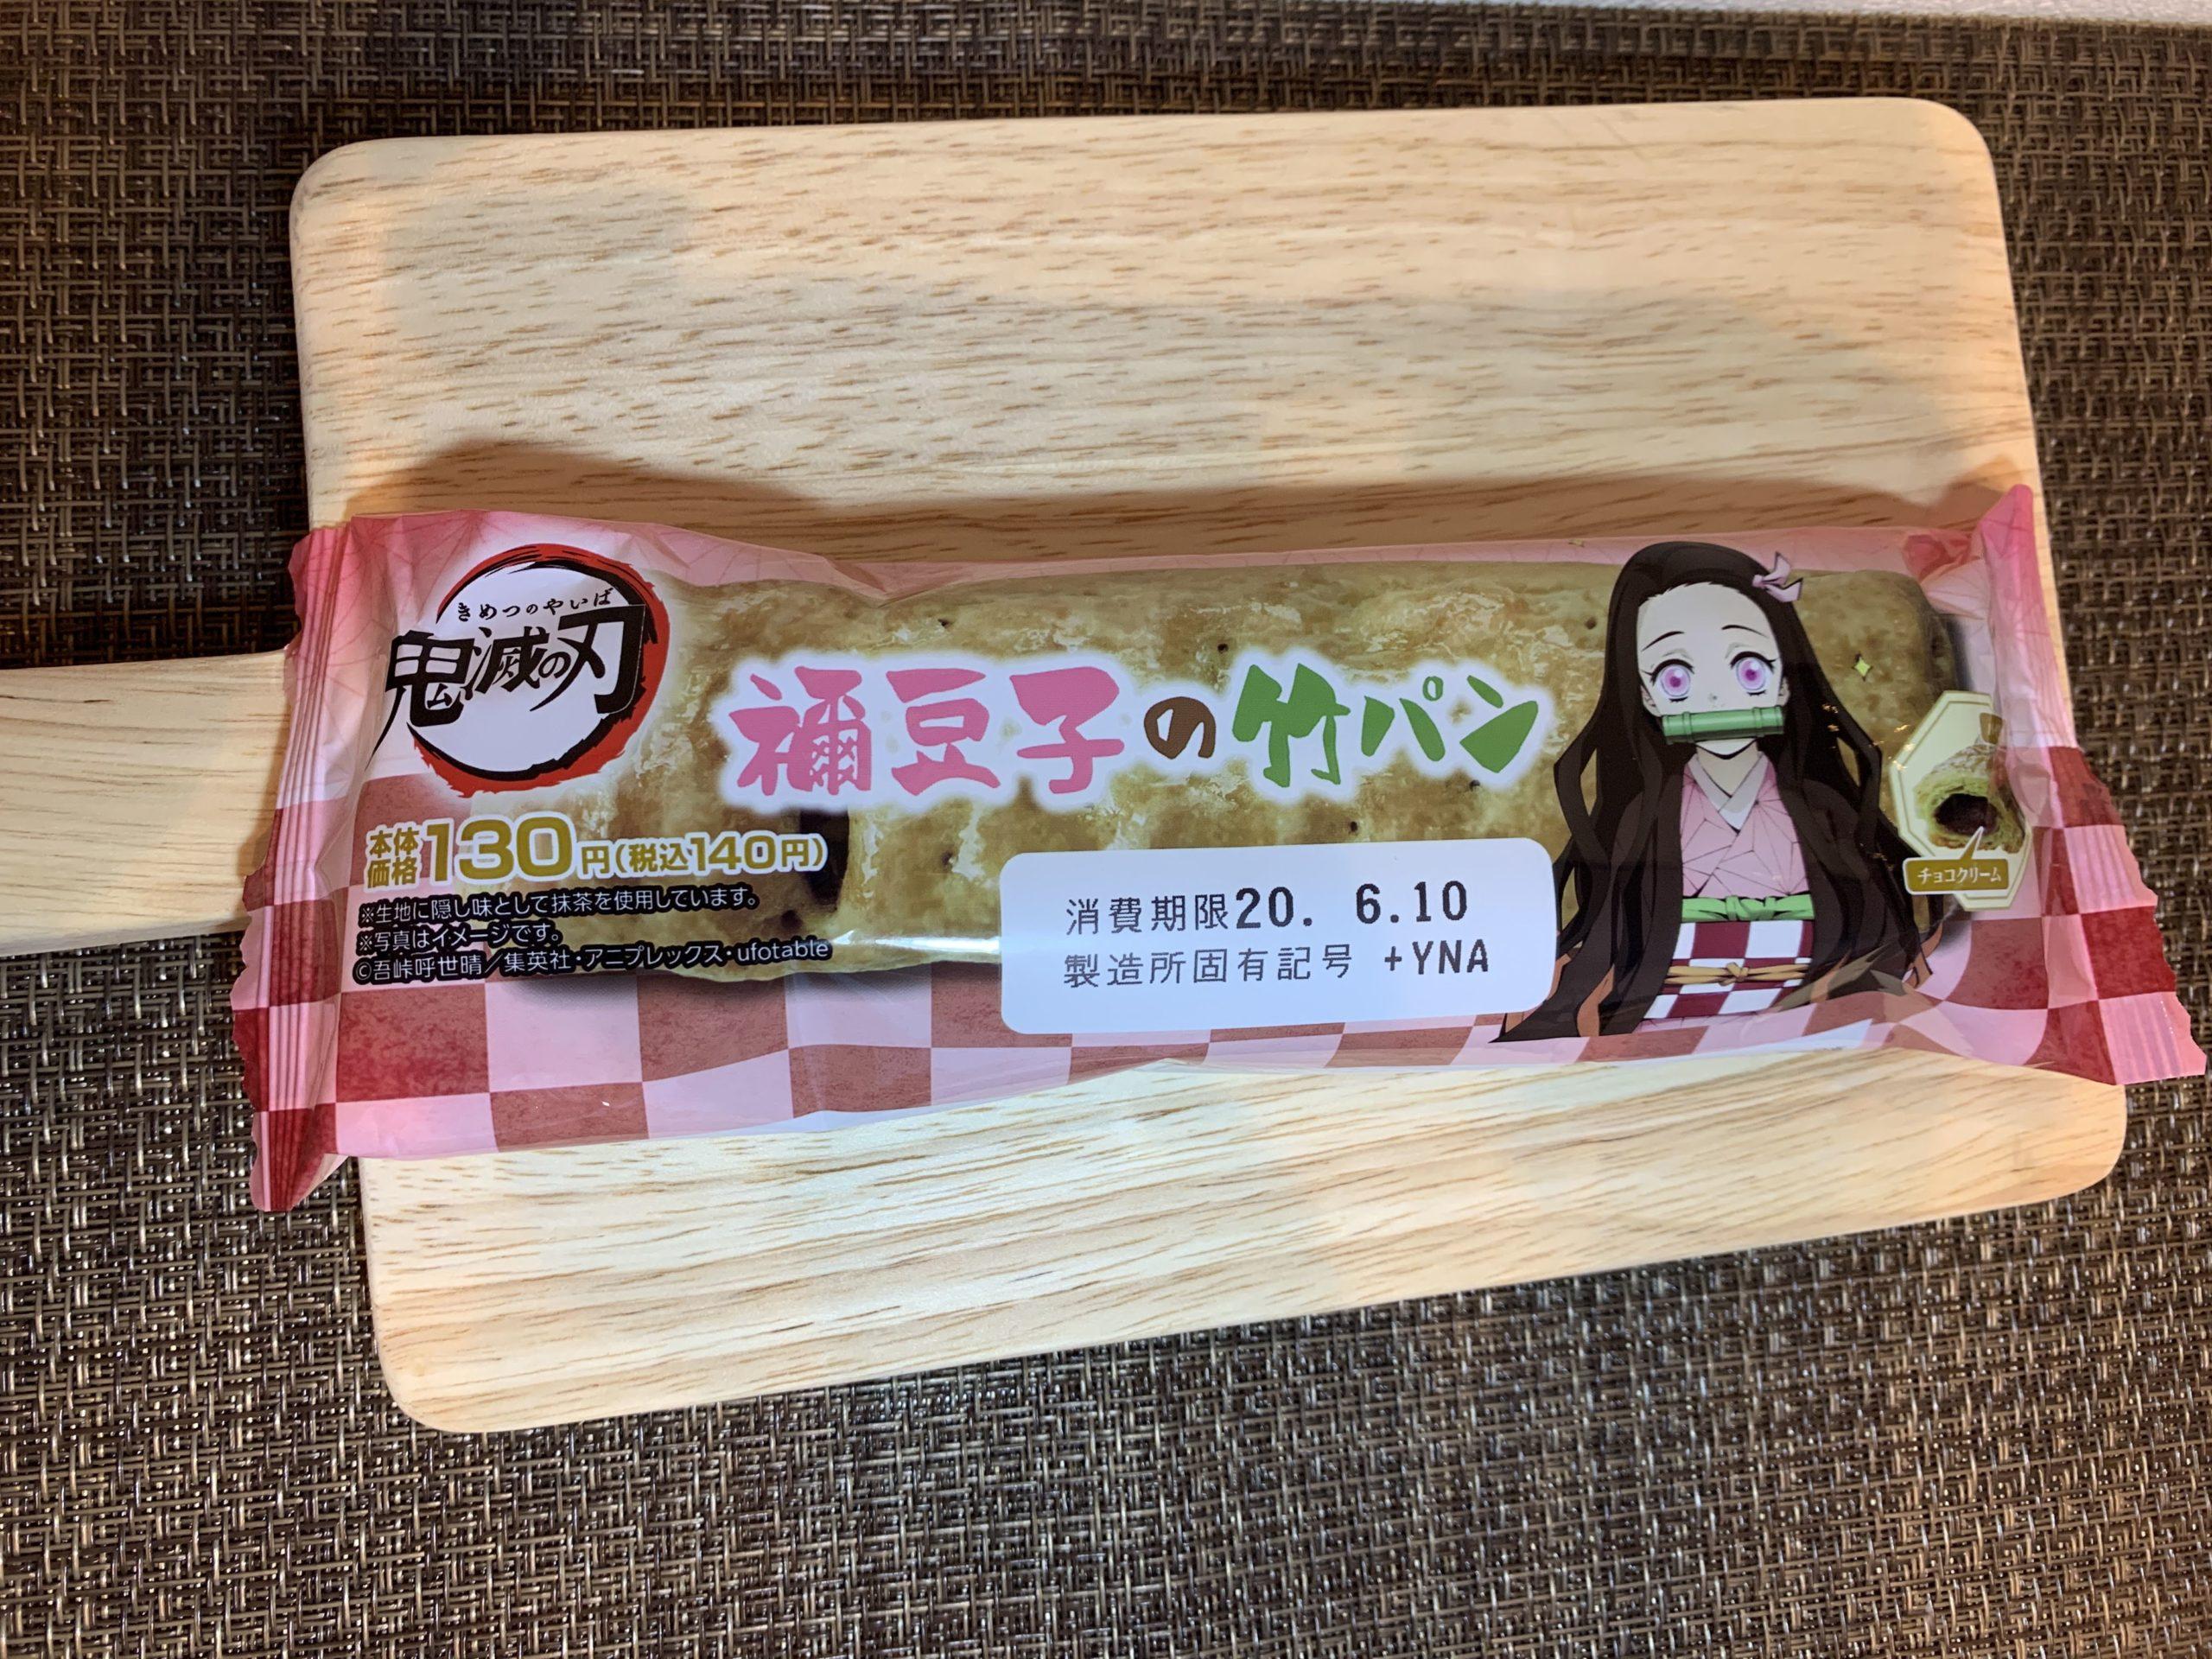 ローソン×鬼滅の刃コラボ:禰豆子の竹パンは美味しい?値段やカロリーは?